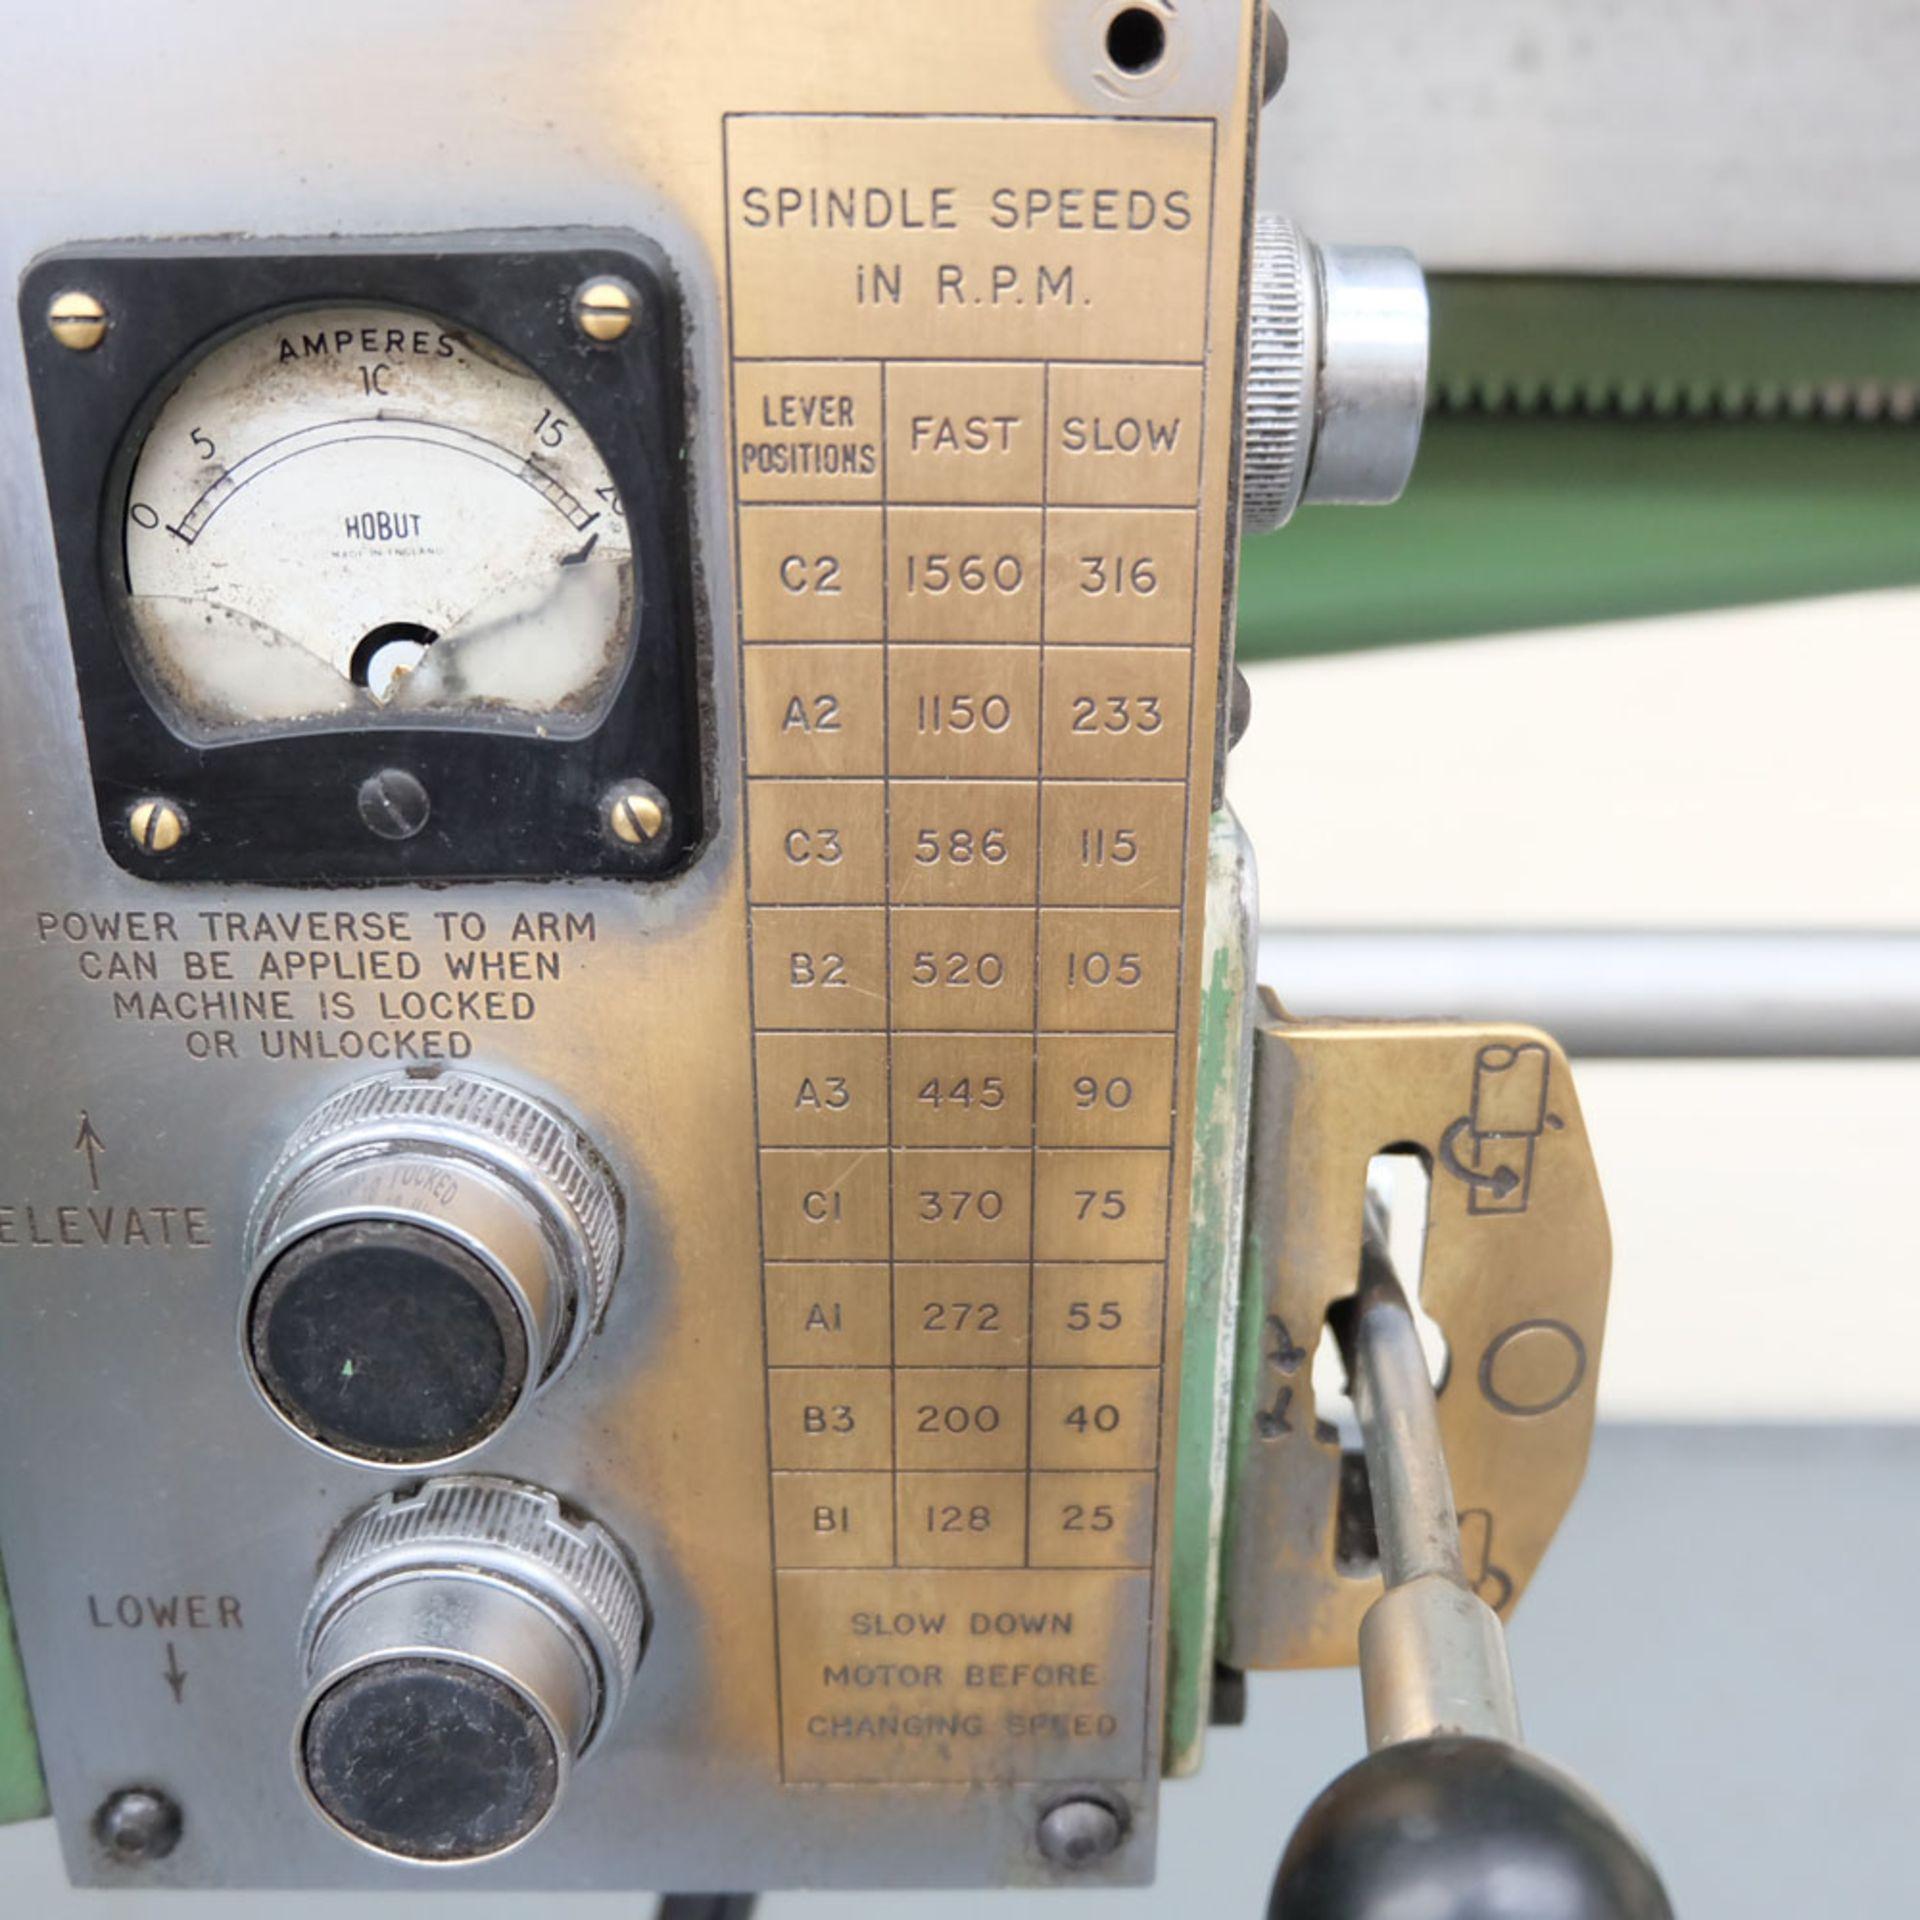 Kitchen-Walker Model E50-1400 4 1/2 FT Radial Alarm Drill. - Image 8 of 16